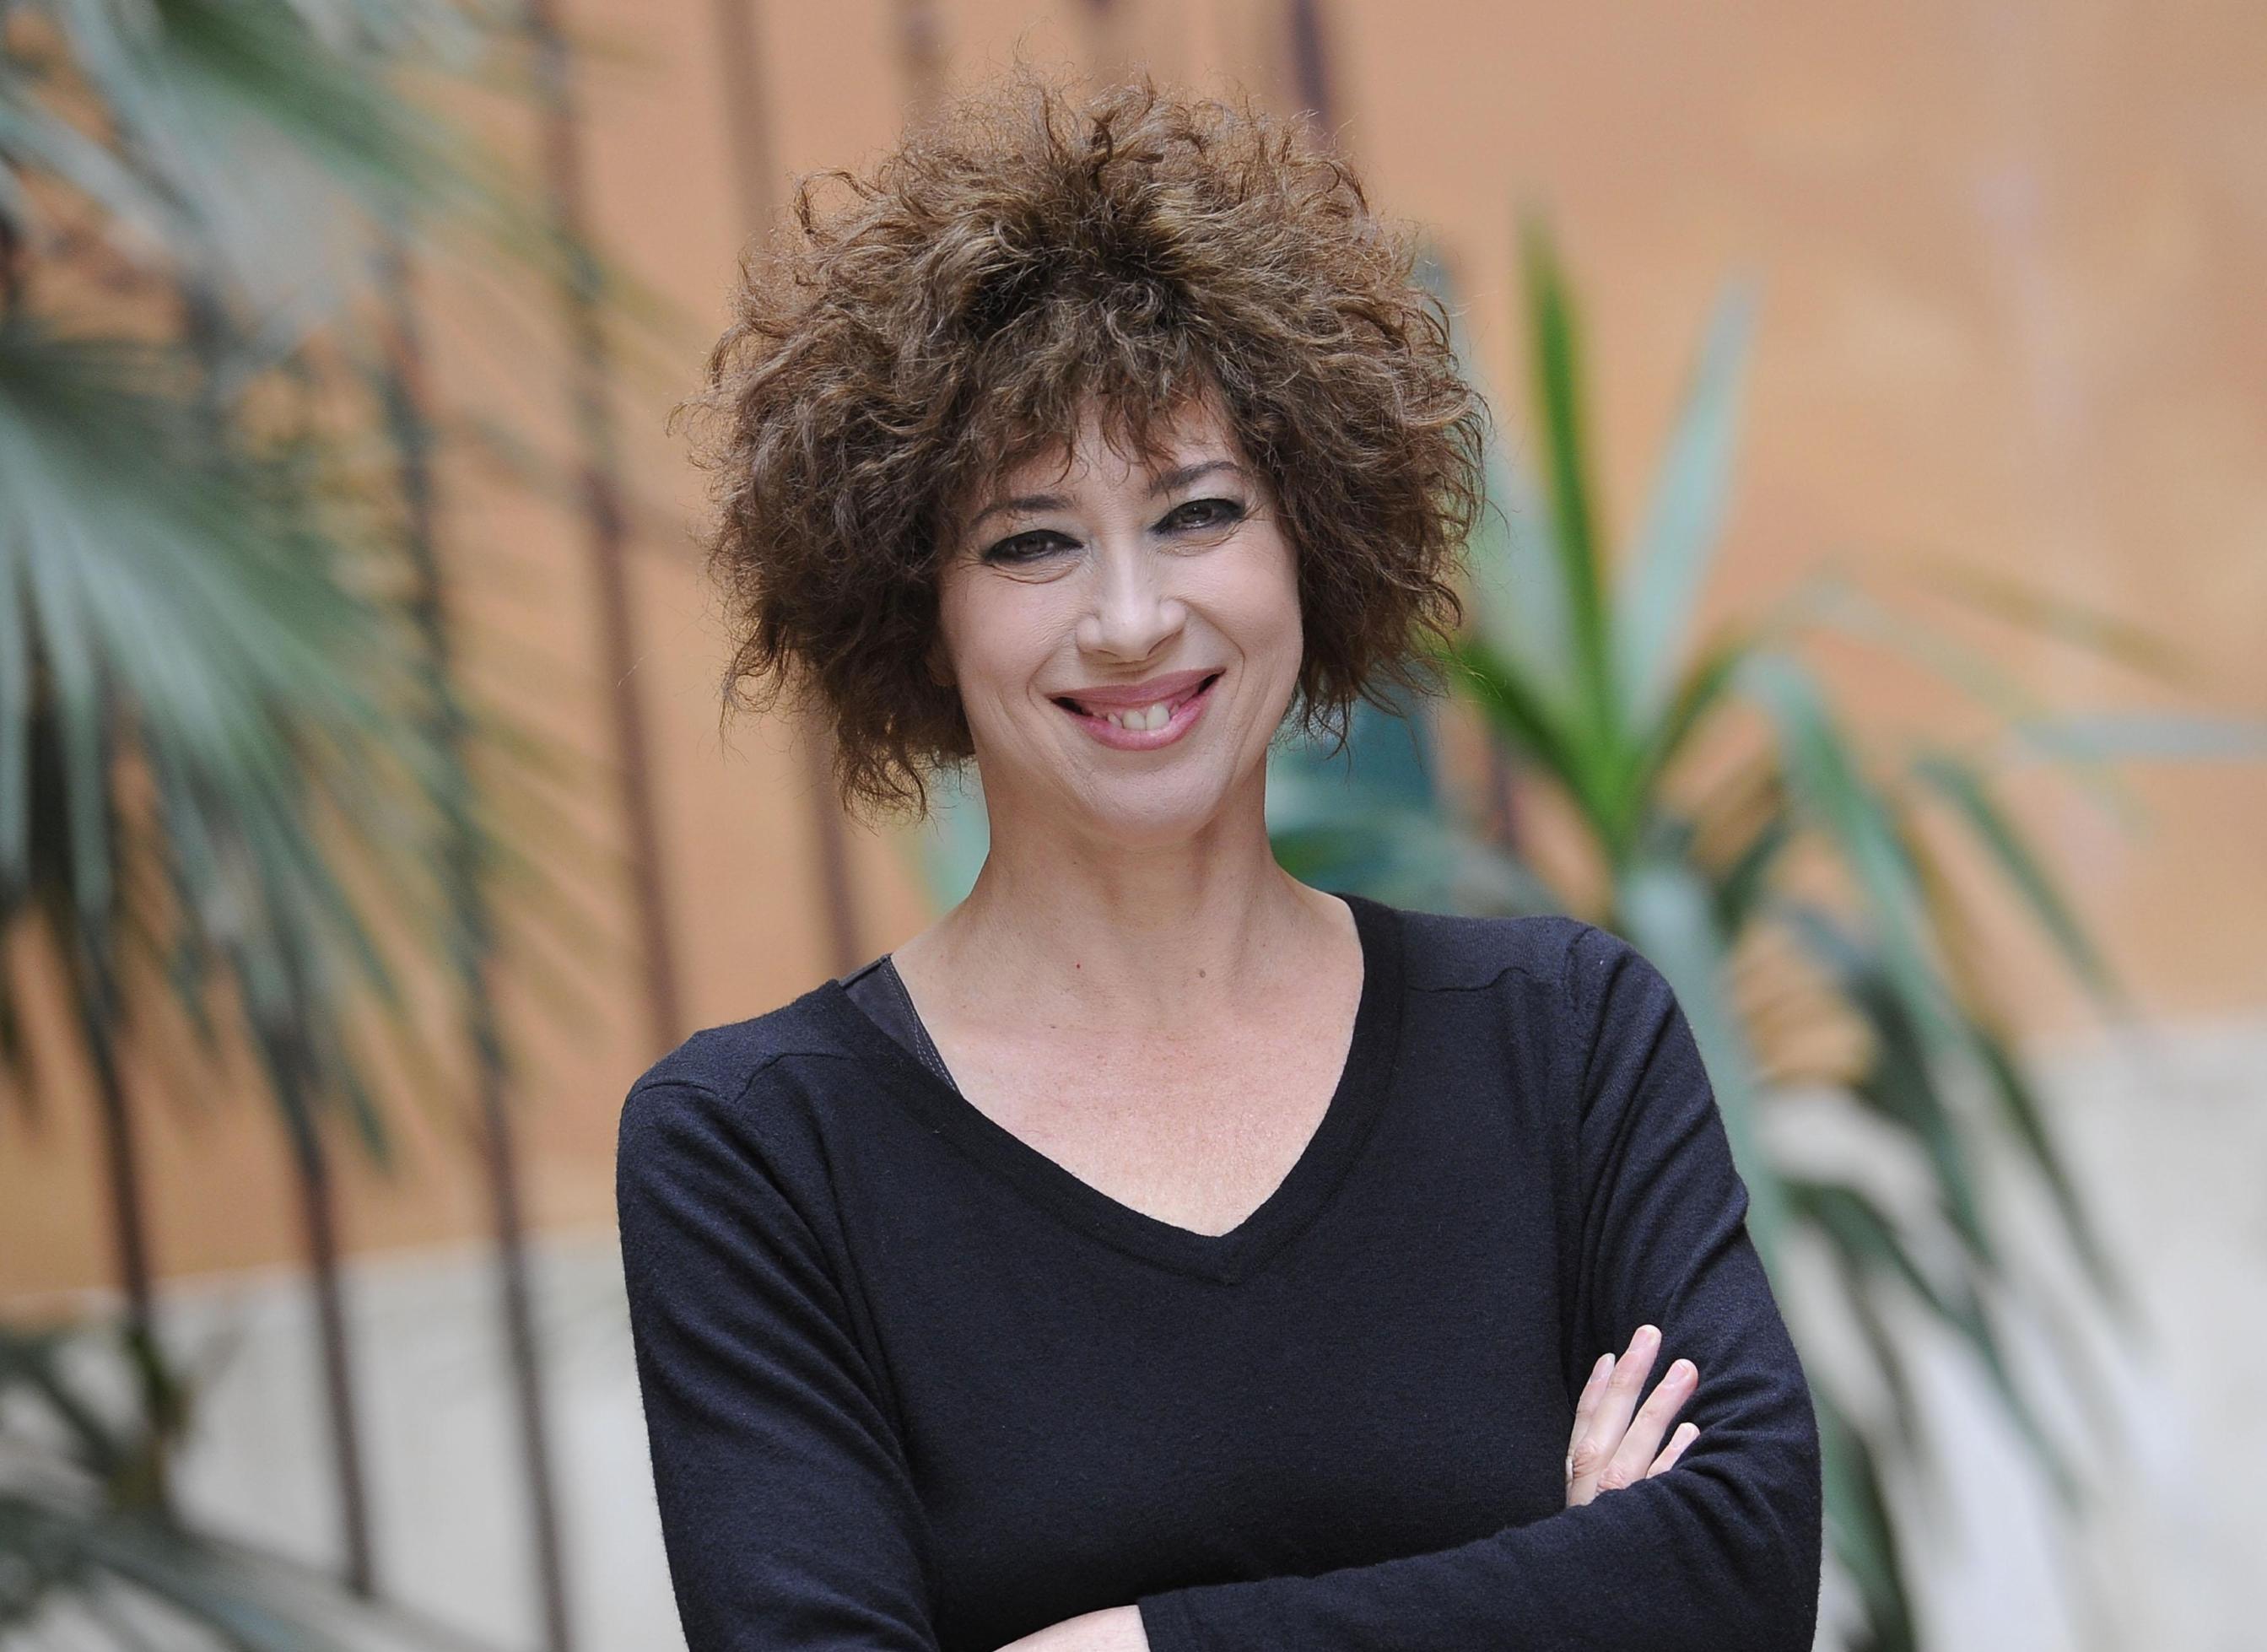 Veronica Pivetti e l'amore per le donne: Da due anni vivo con Giordana